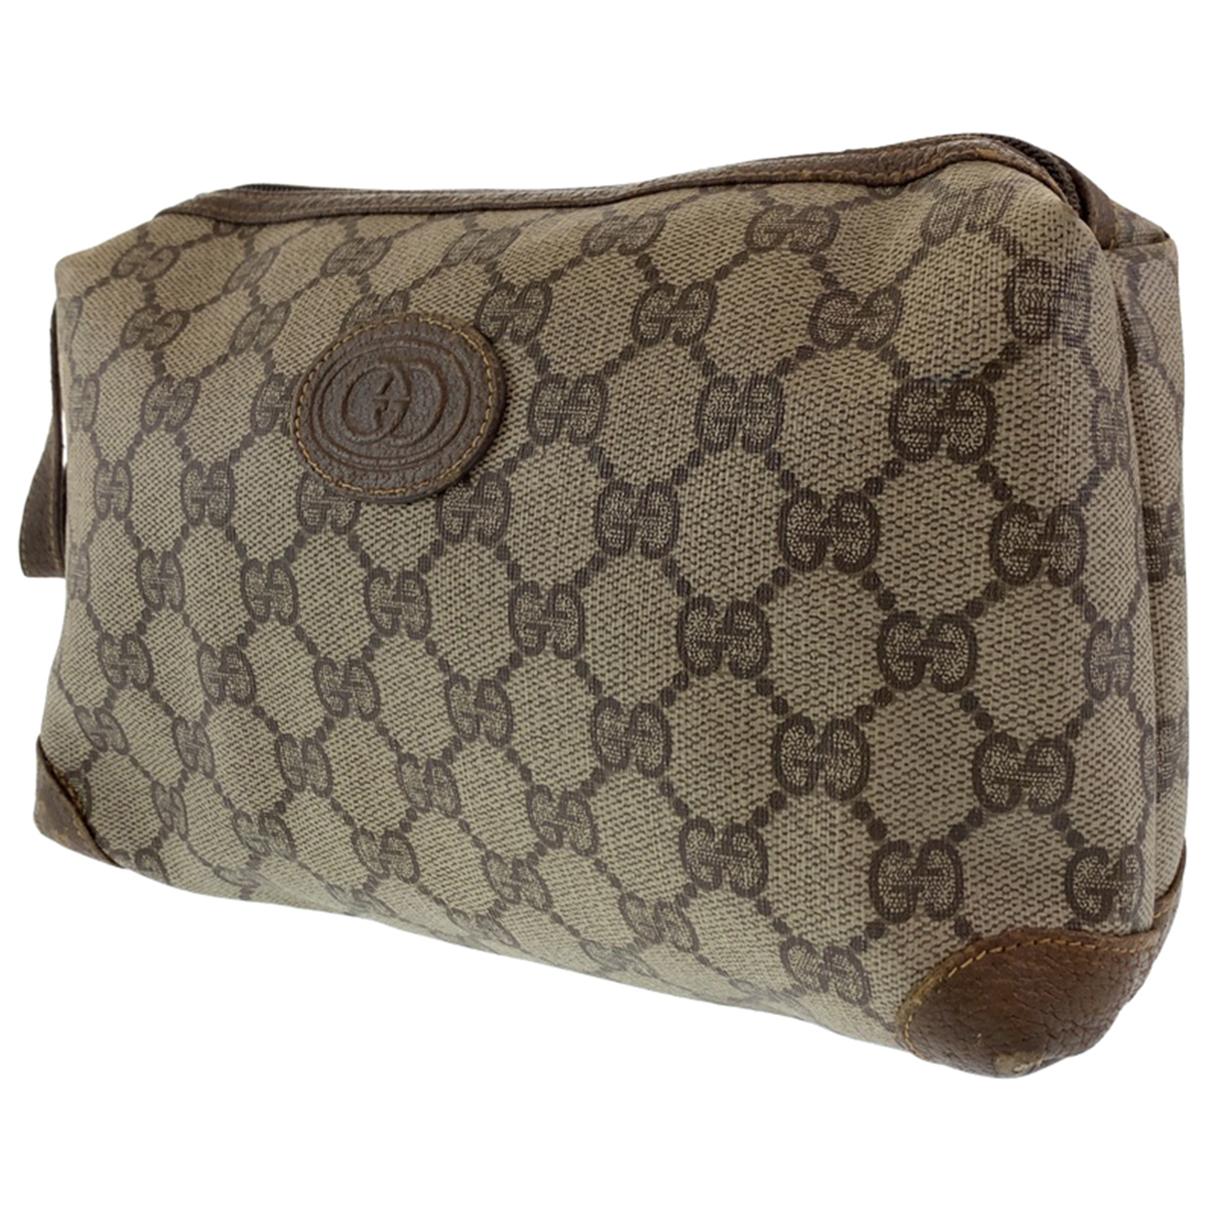 Bolsos clutch en Sintetico Gucci